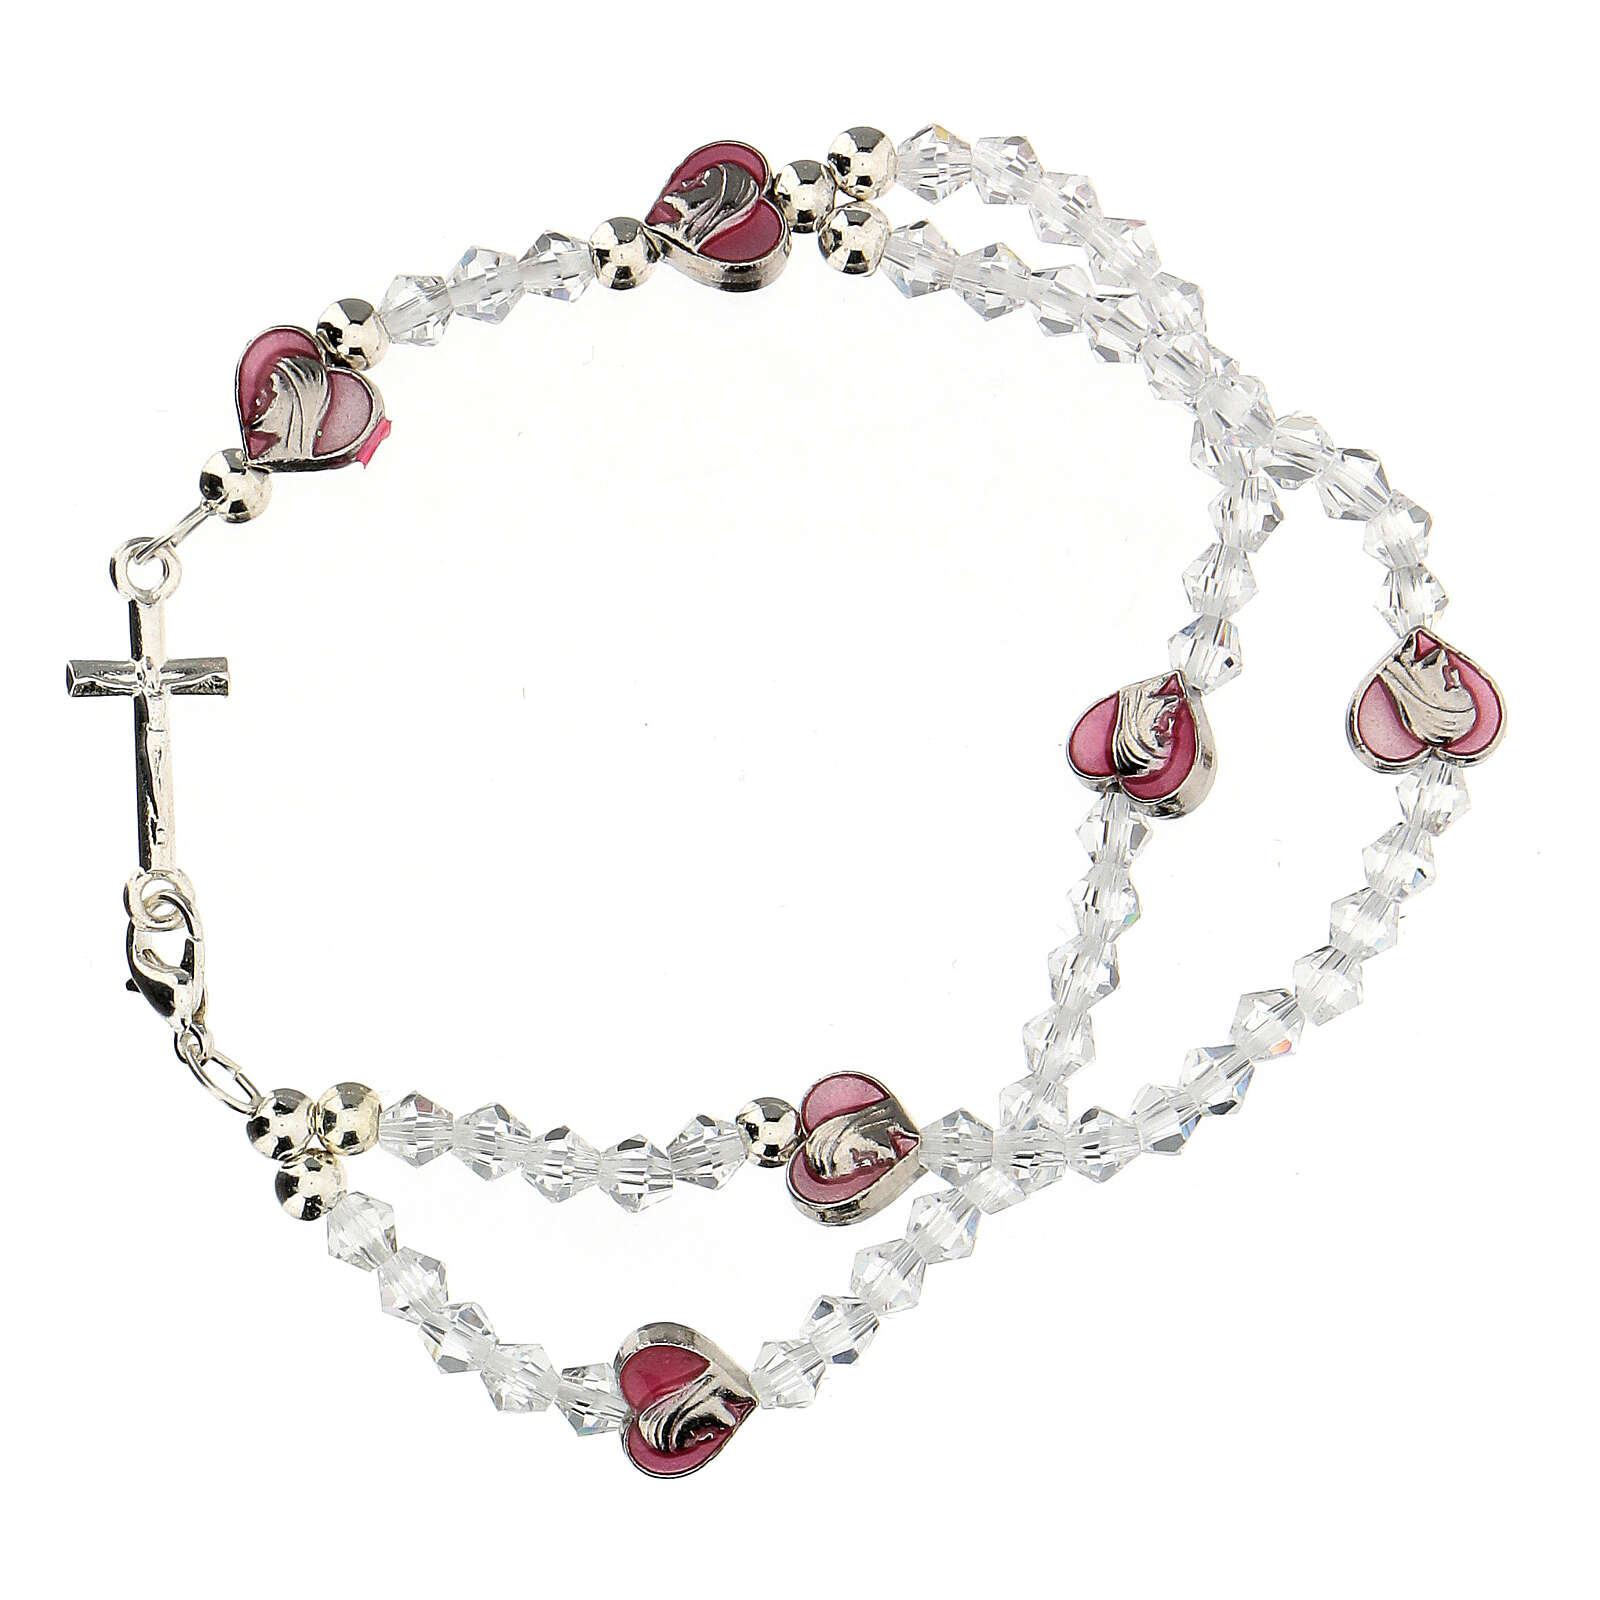 Bracelet chapelet élastique avec grains cristal 3 mm 4